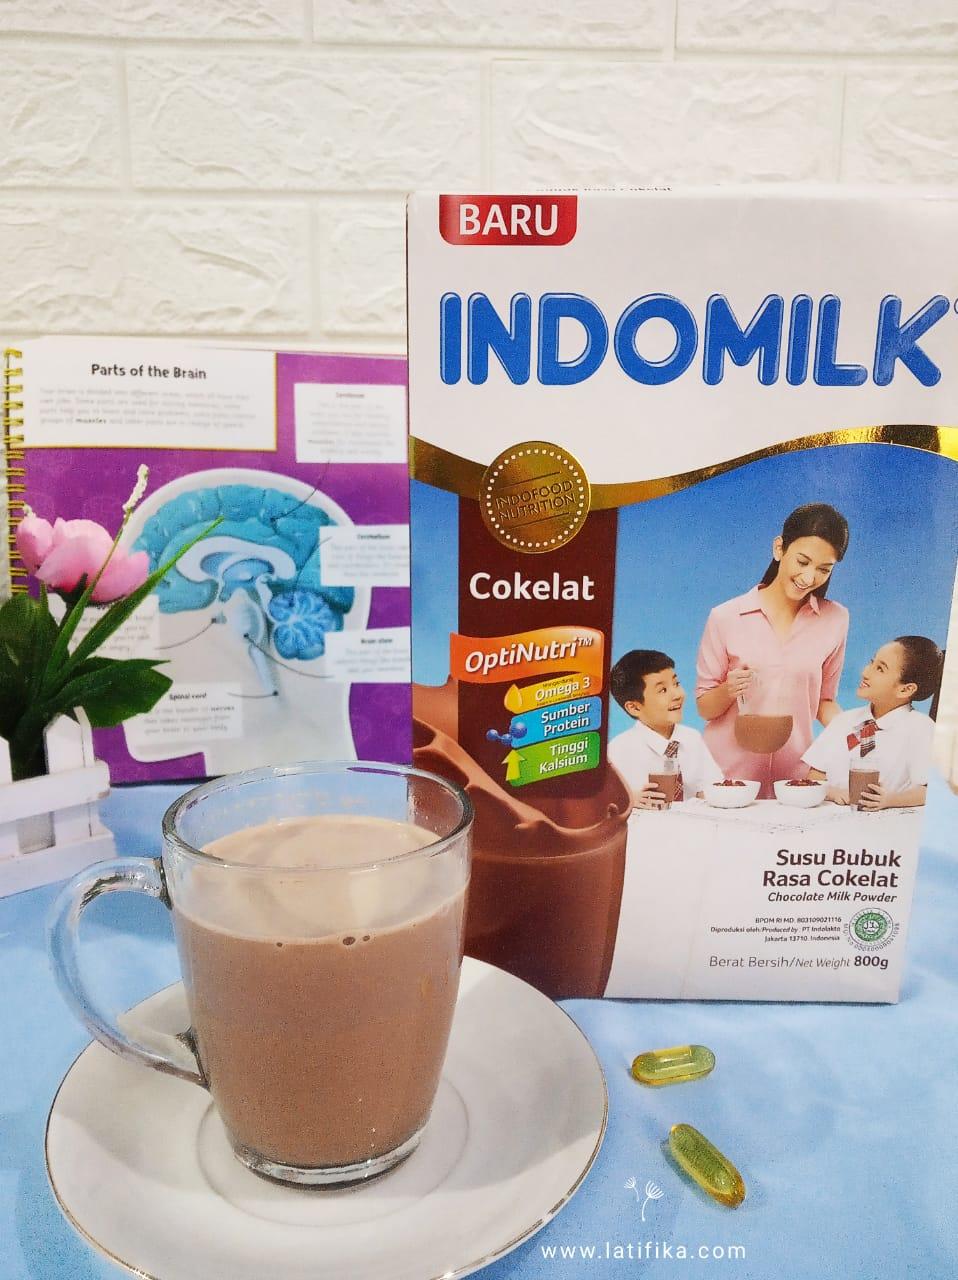 Indomilk susu bubuk cokelat